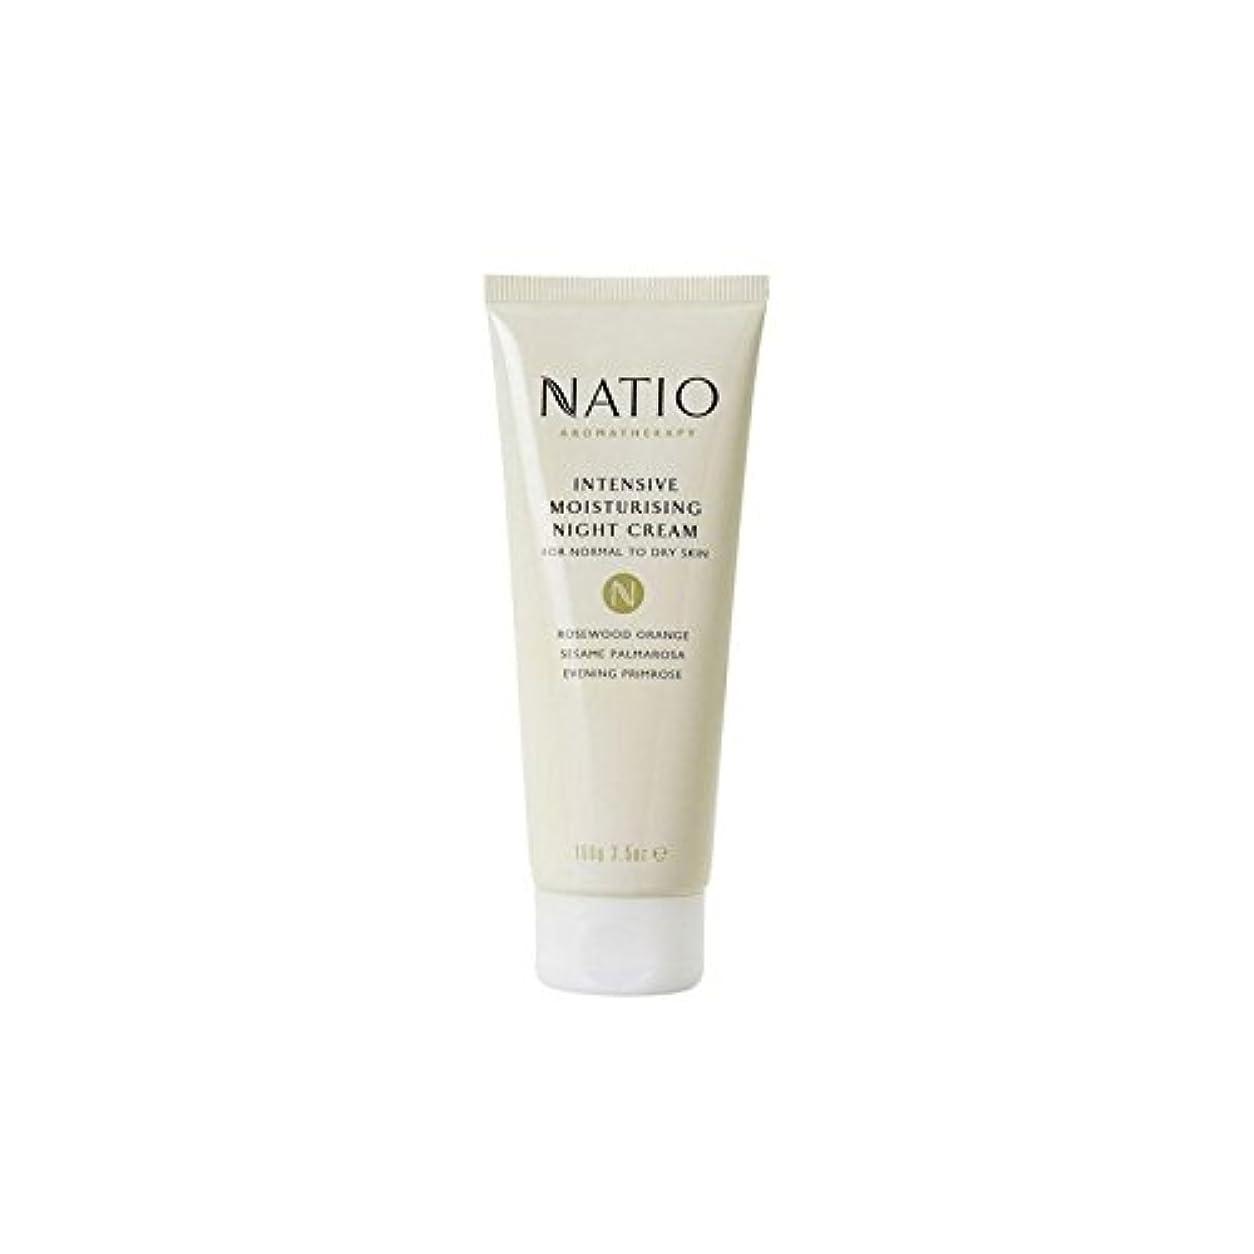 遠近法解説メディアNatio Intensive Moisturising Night Cream (100G) - 集中的な保湿ナイトクリーム(100グラム) [並行輸入品]